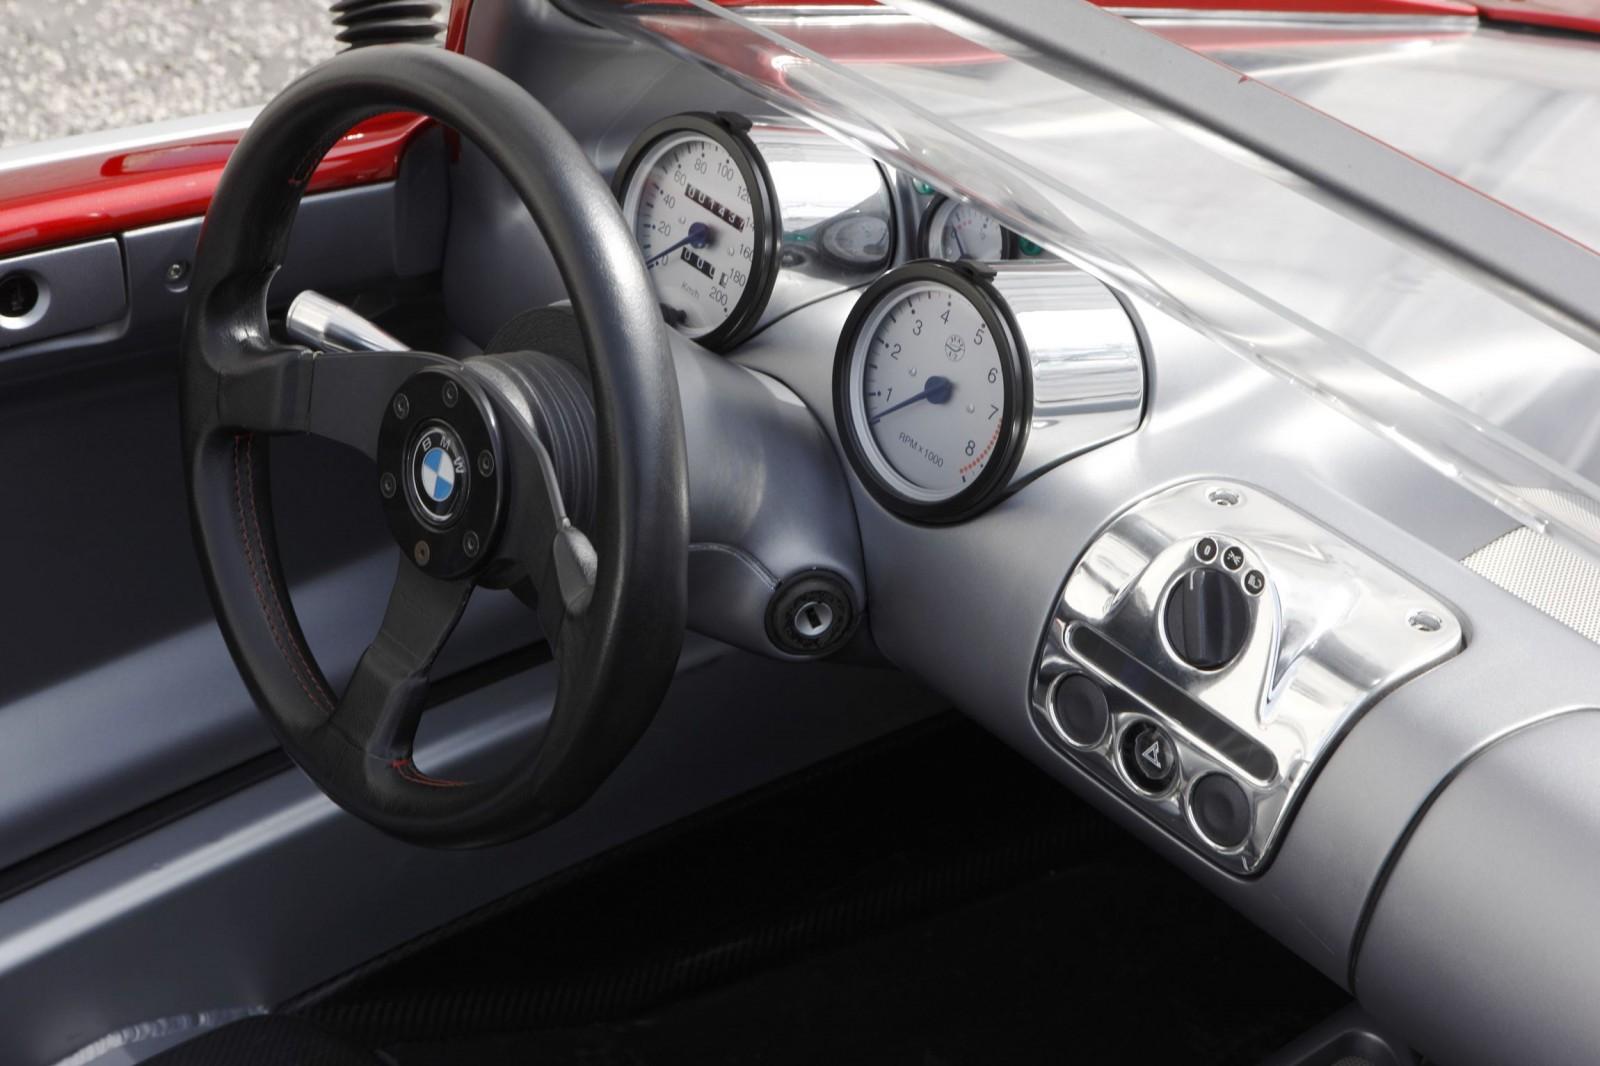 1994-BMW-Z13-Concept-1-lg